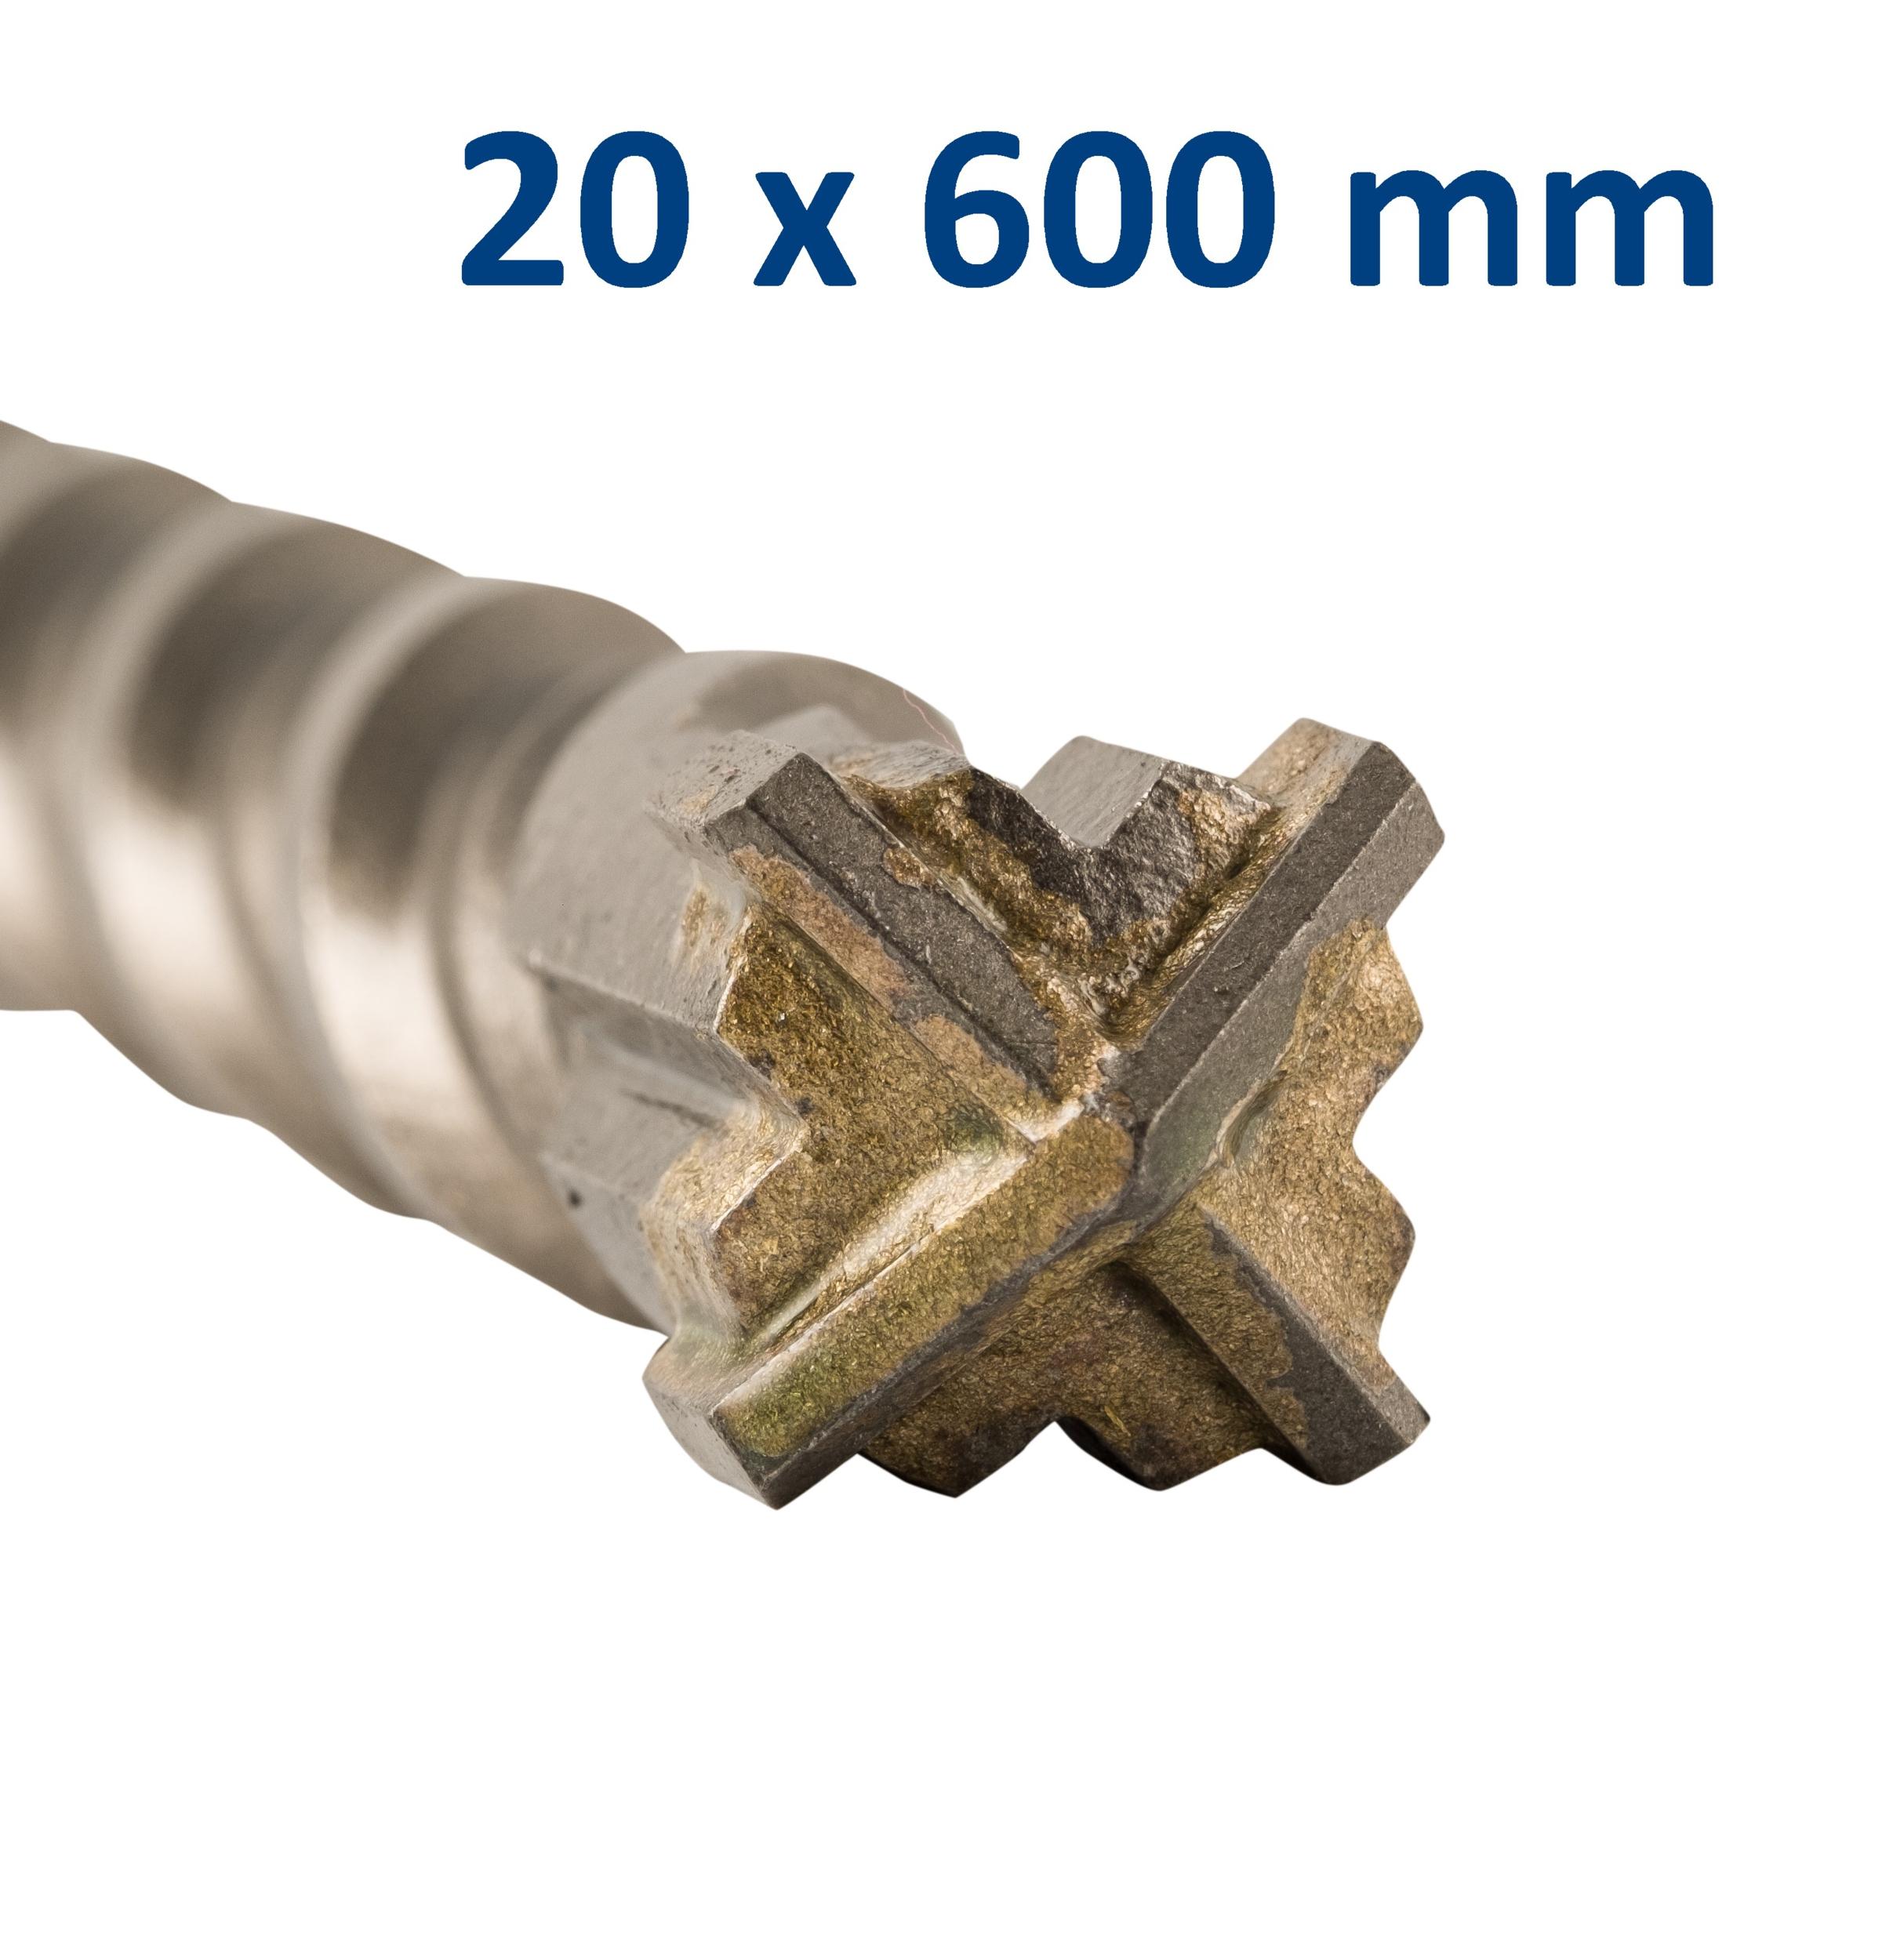 Foret-mèche SDS Plus pointe en croix 20x600 mm